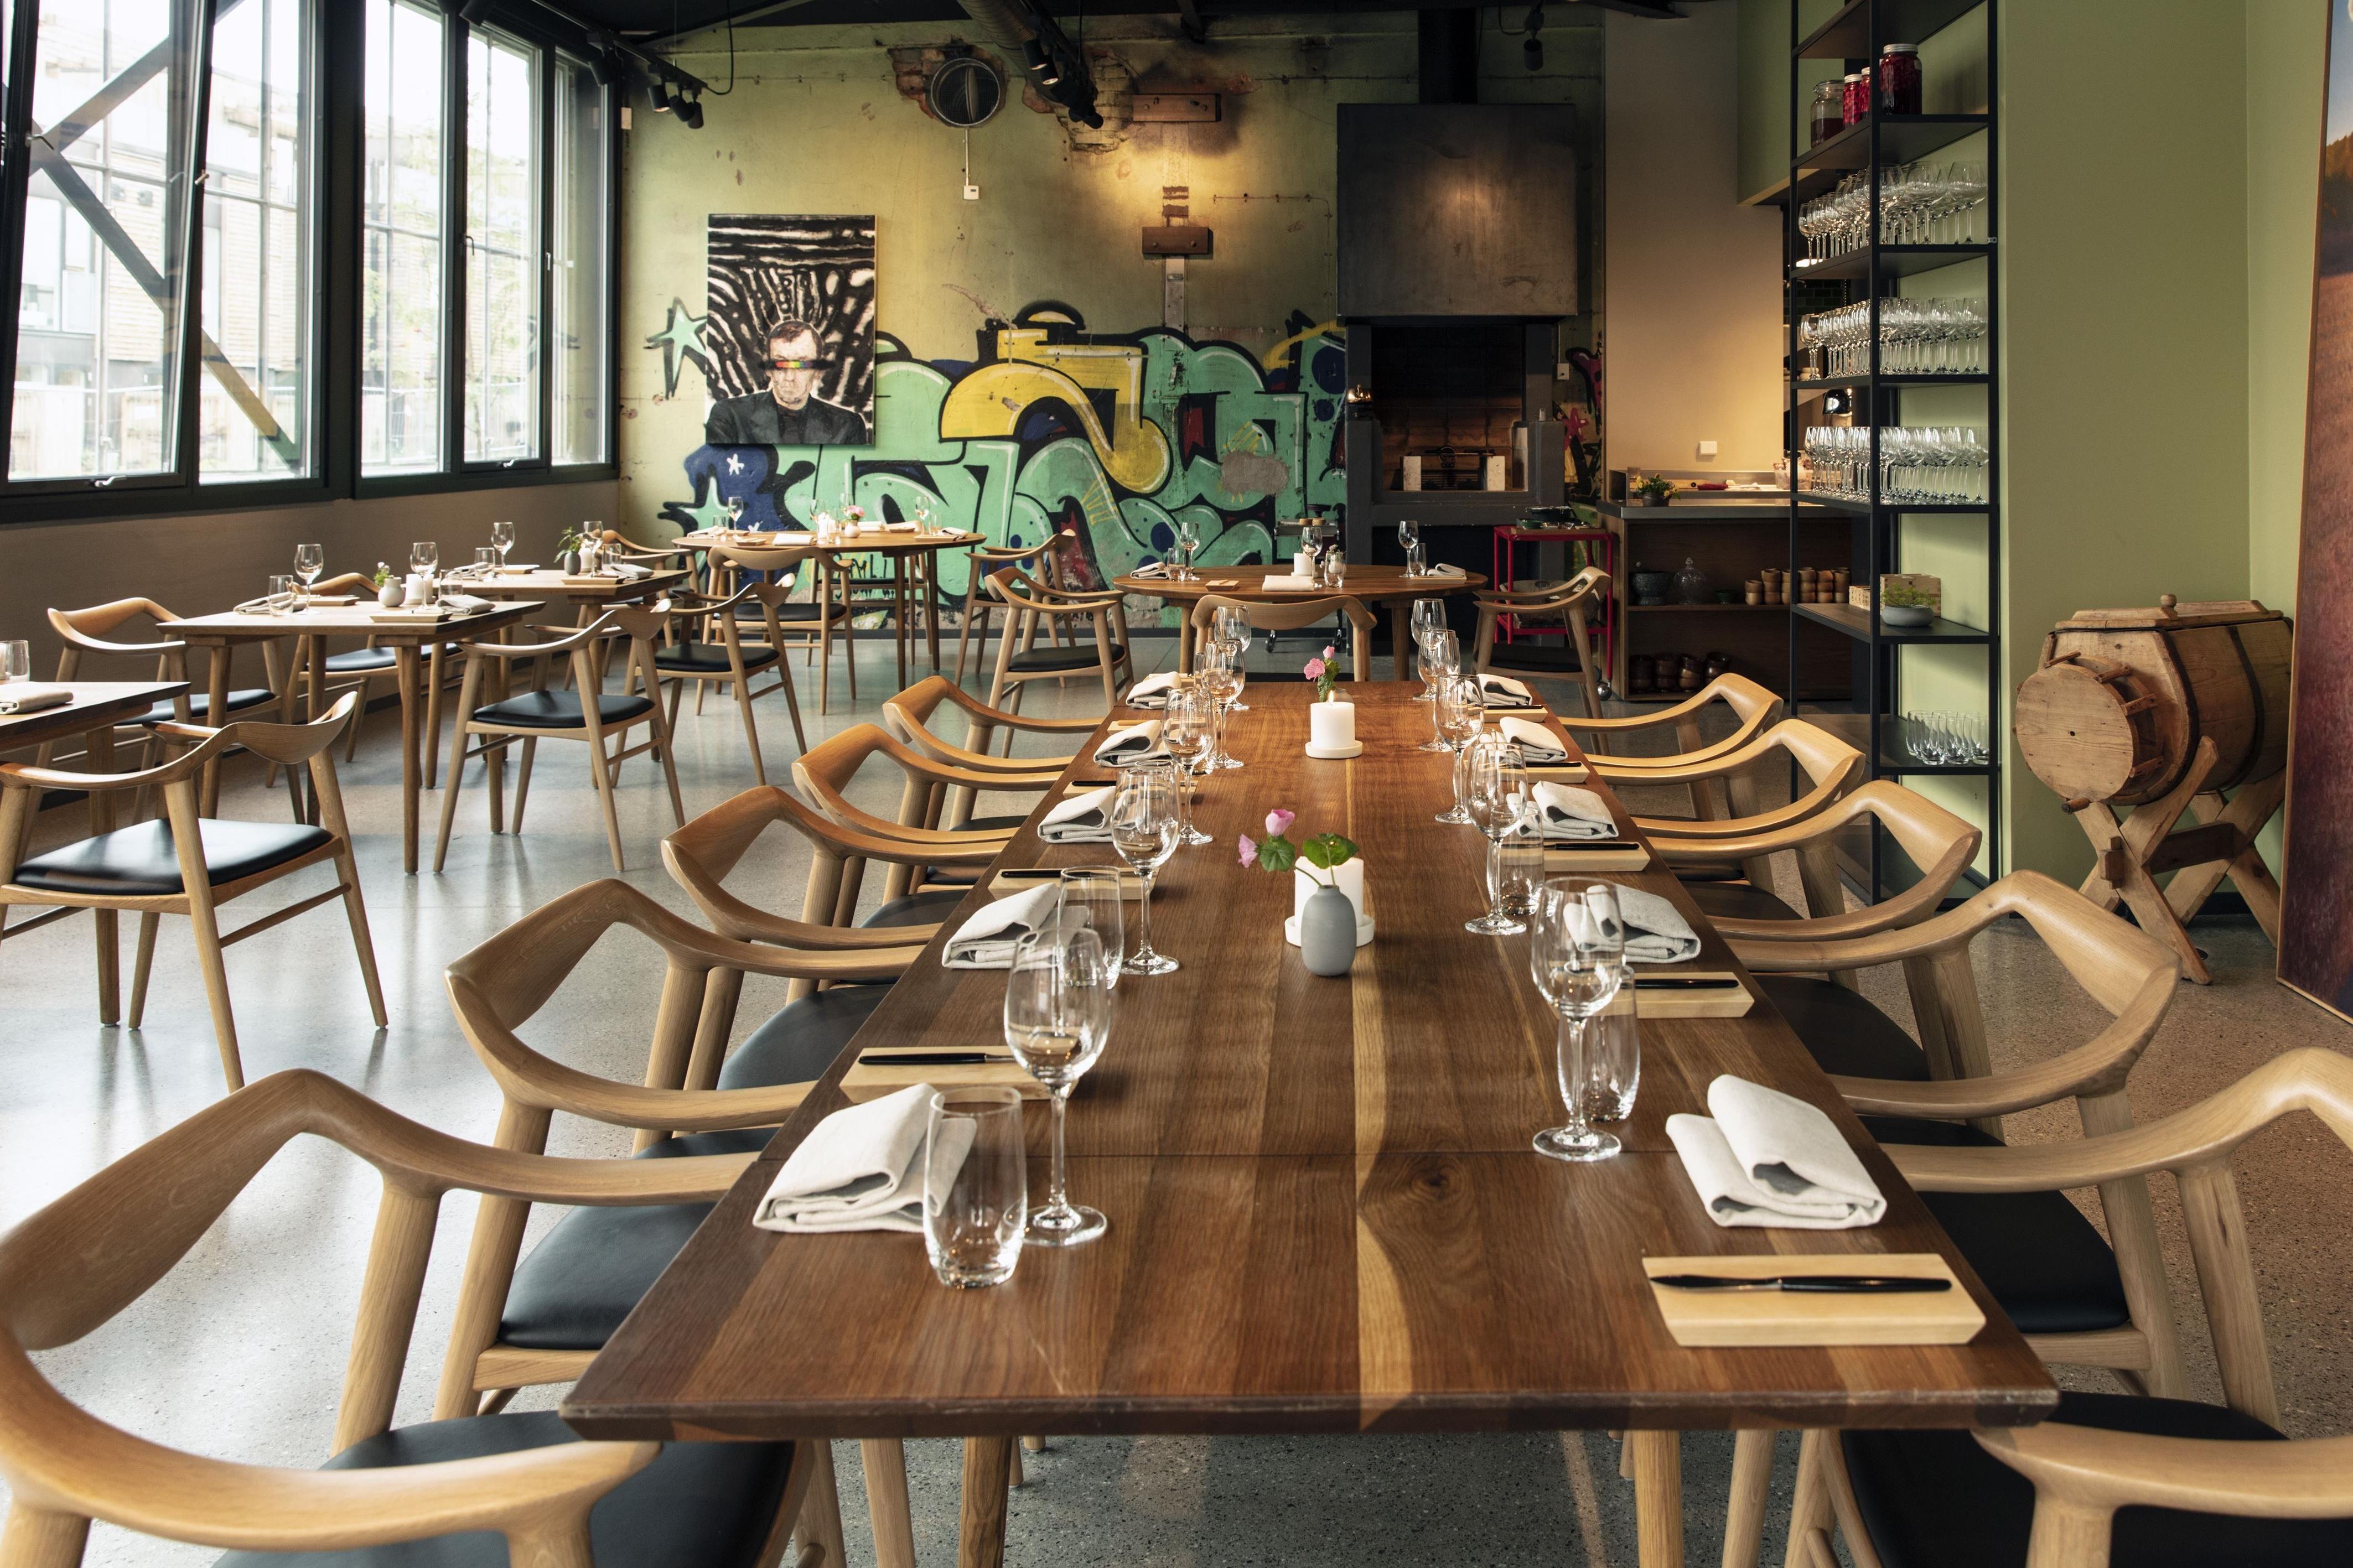 Geir Mogen, Bilde av restauranten -Norges beste restaurant